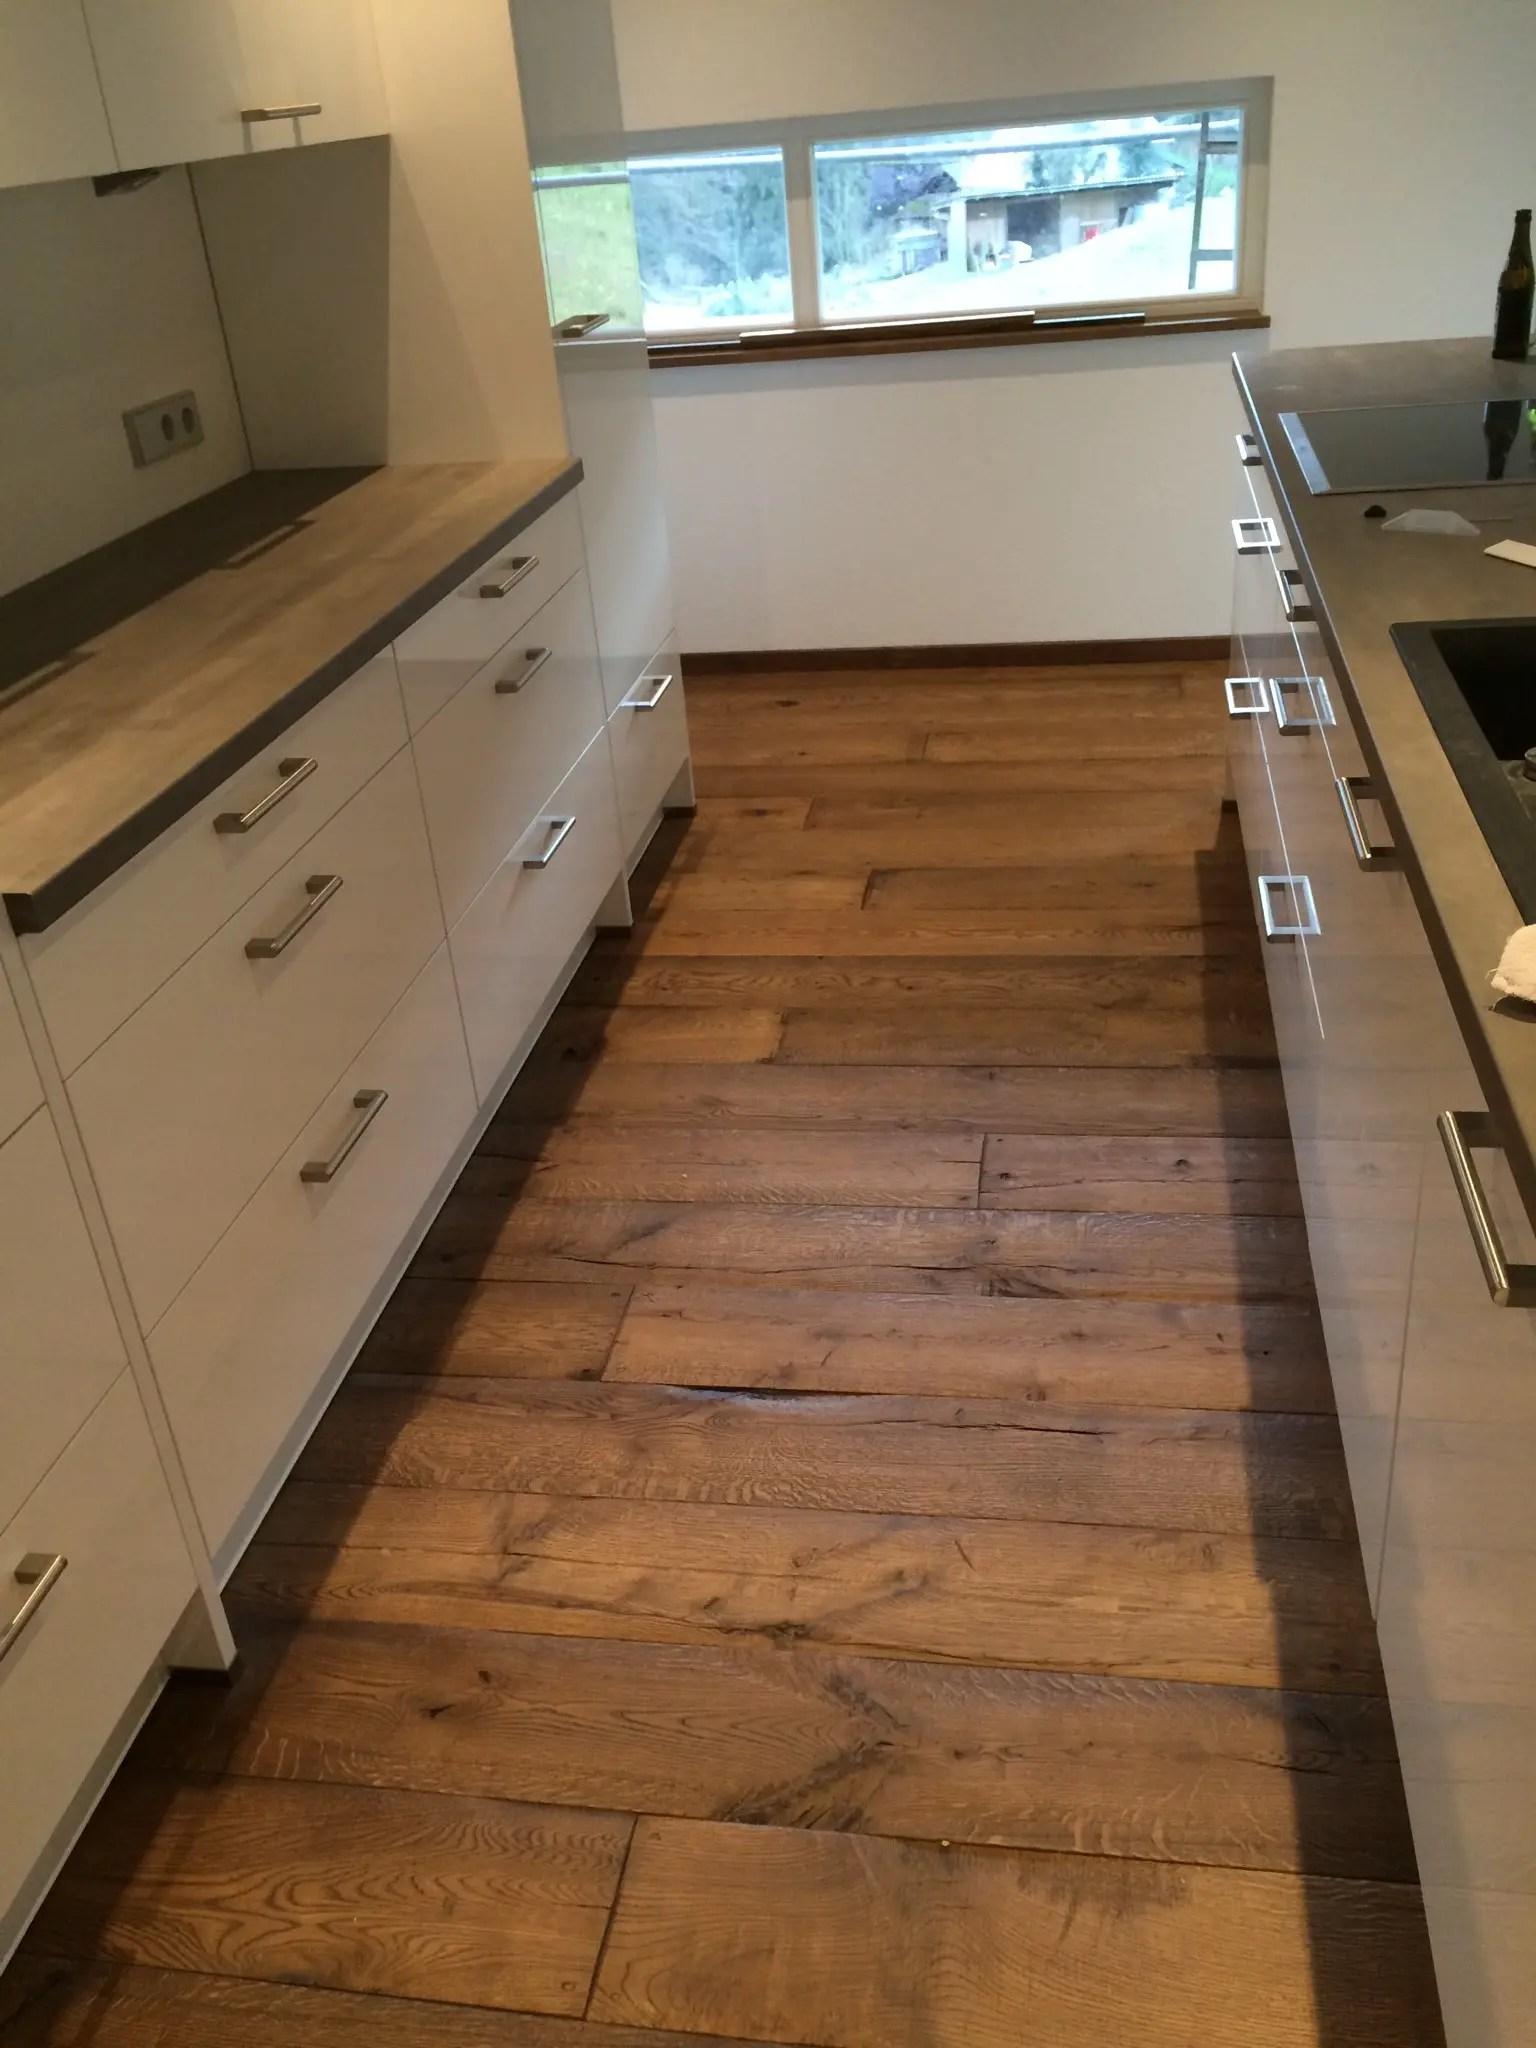 Holzboden In Der Kuche Schutzen Parkett In Kuche Schutzen Garten